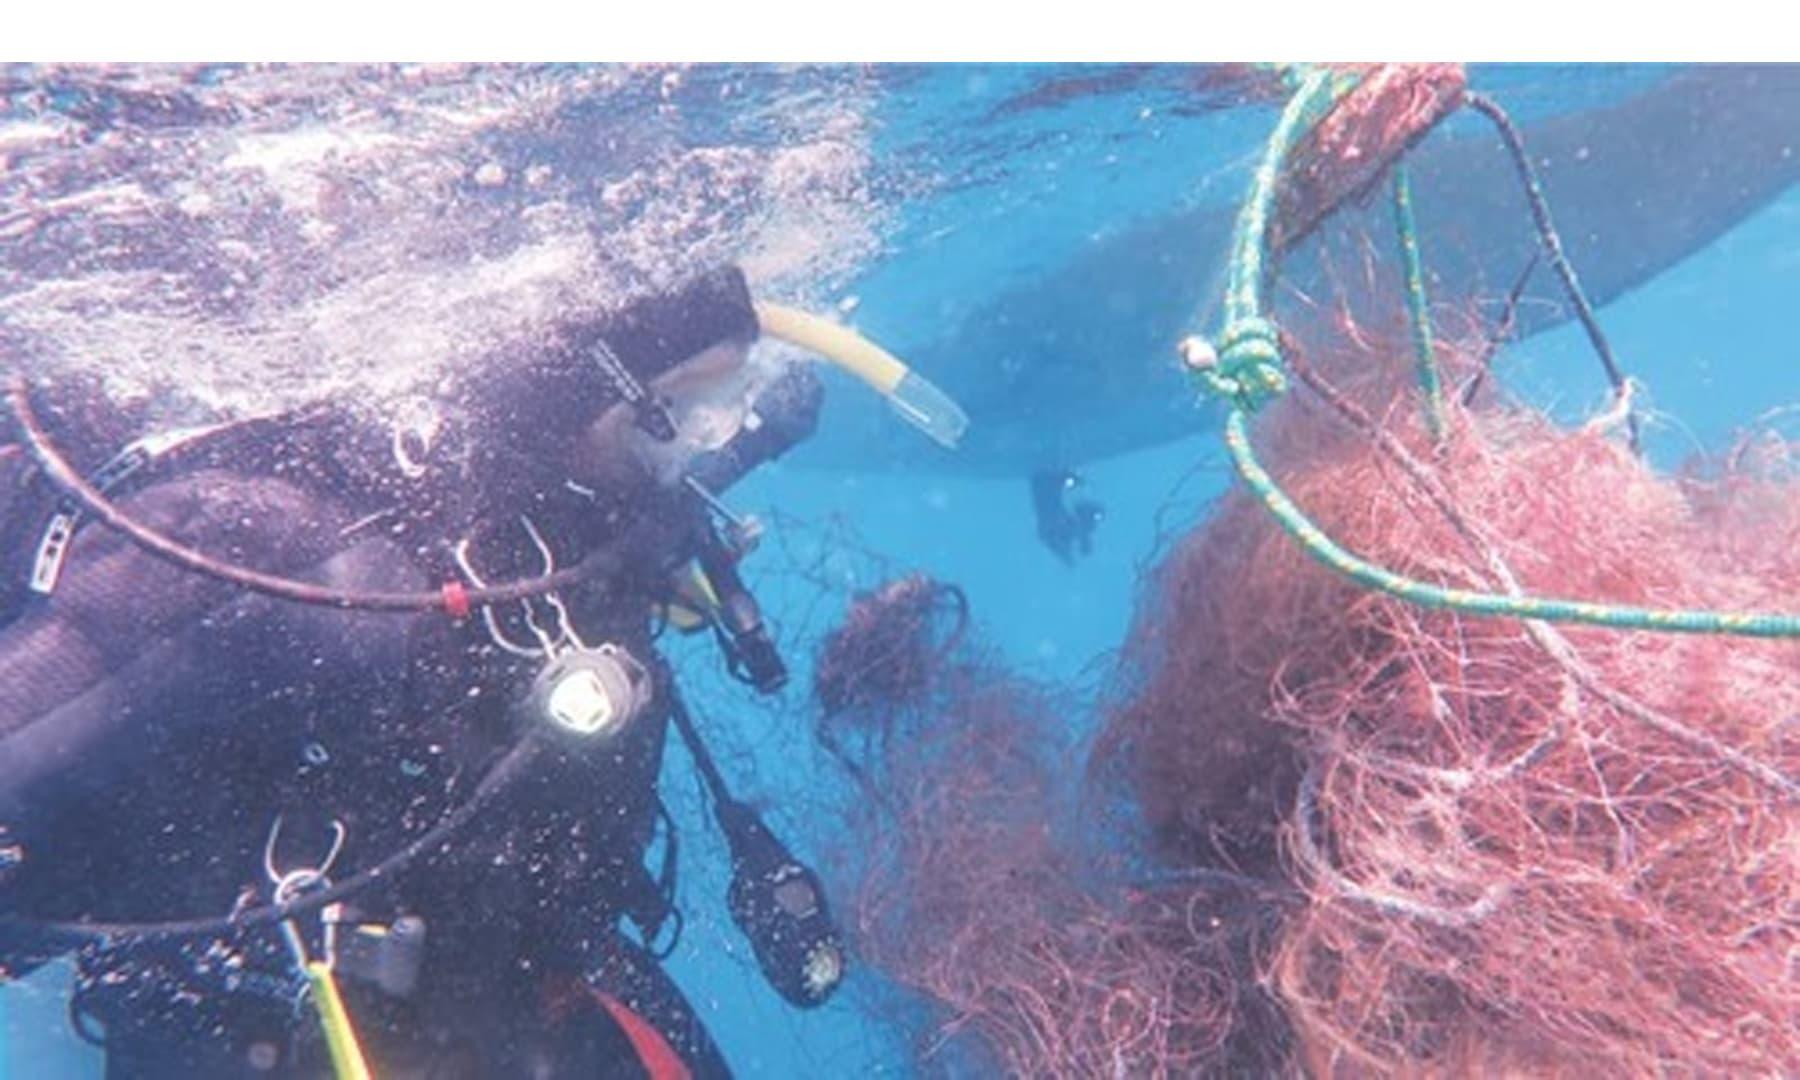 گہرے پانی سے ملنے والے متروکہ مچھلی کے جالوں کو سطح تک پہنچایا جا رہا ہے— تصویر بشکریہ محمد اقبال